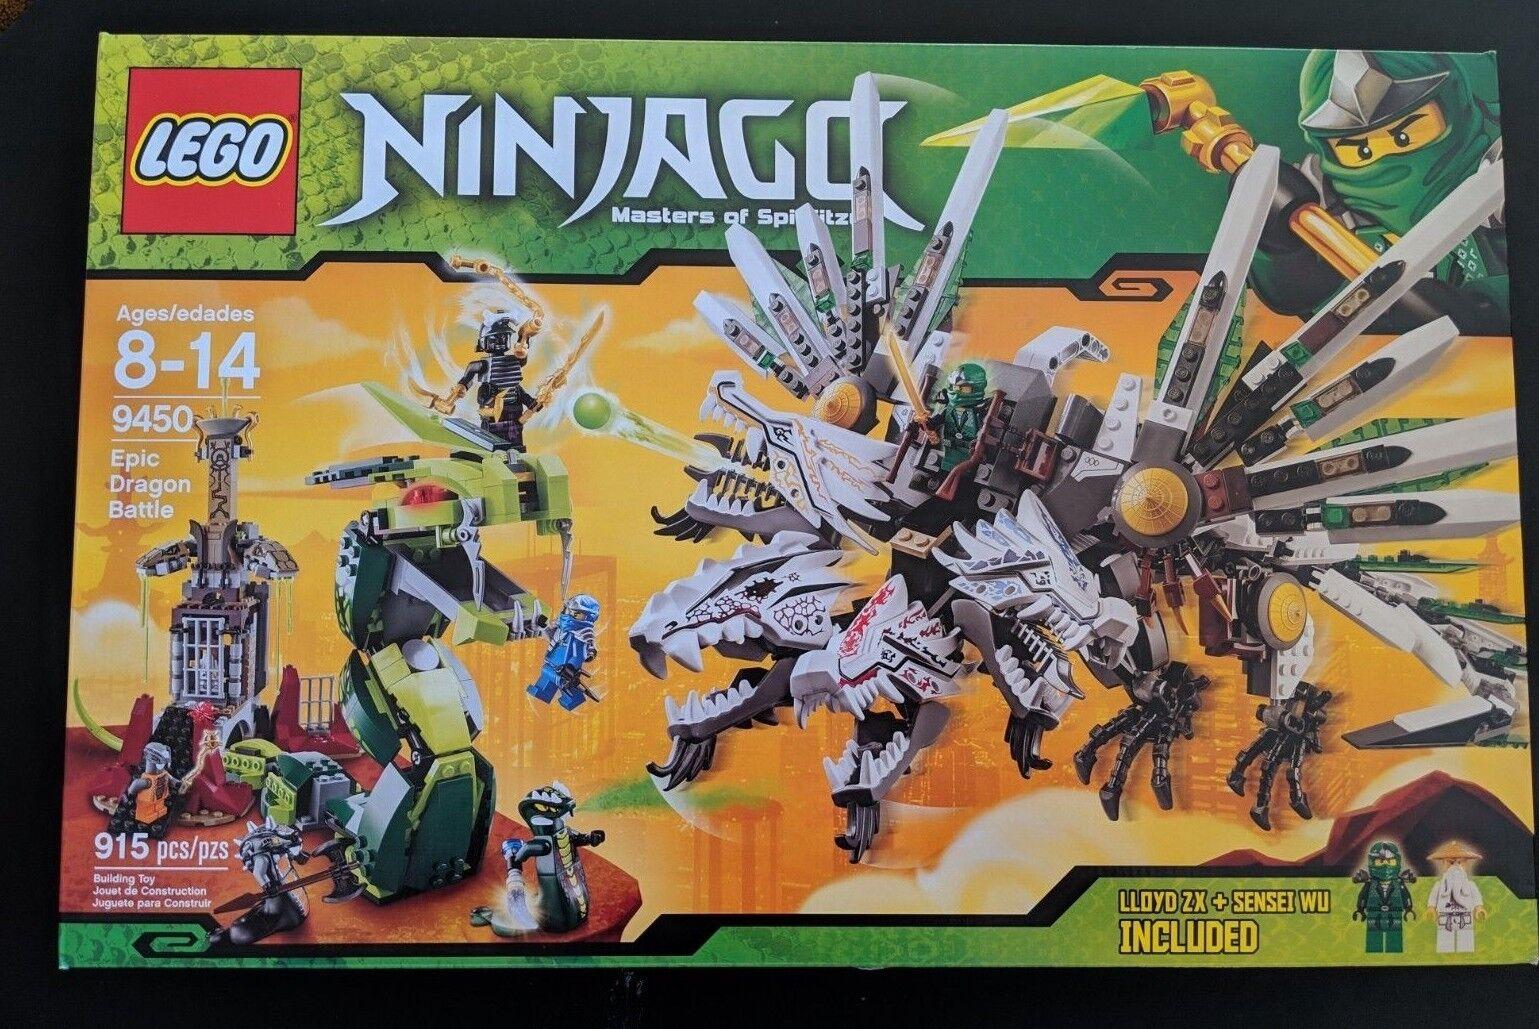 Lego Ninjago épica batalla Dragon totalmente nuevo en caja sellada de fábrica-retirado